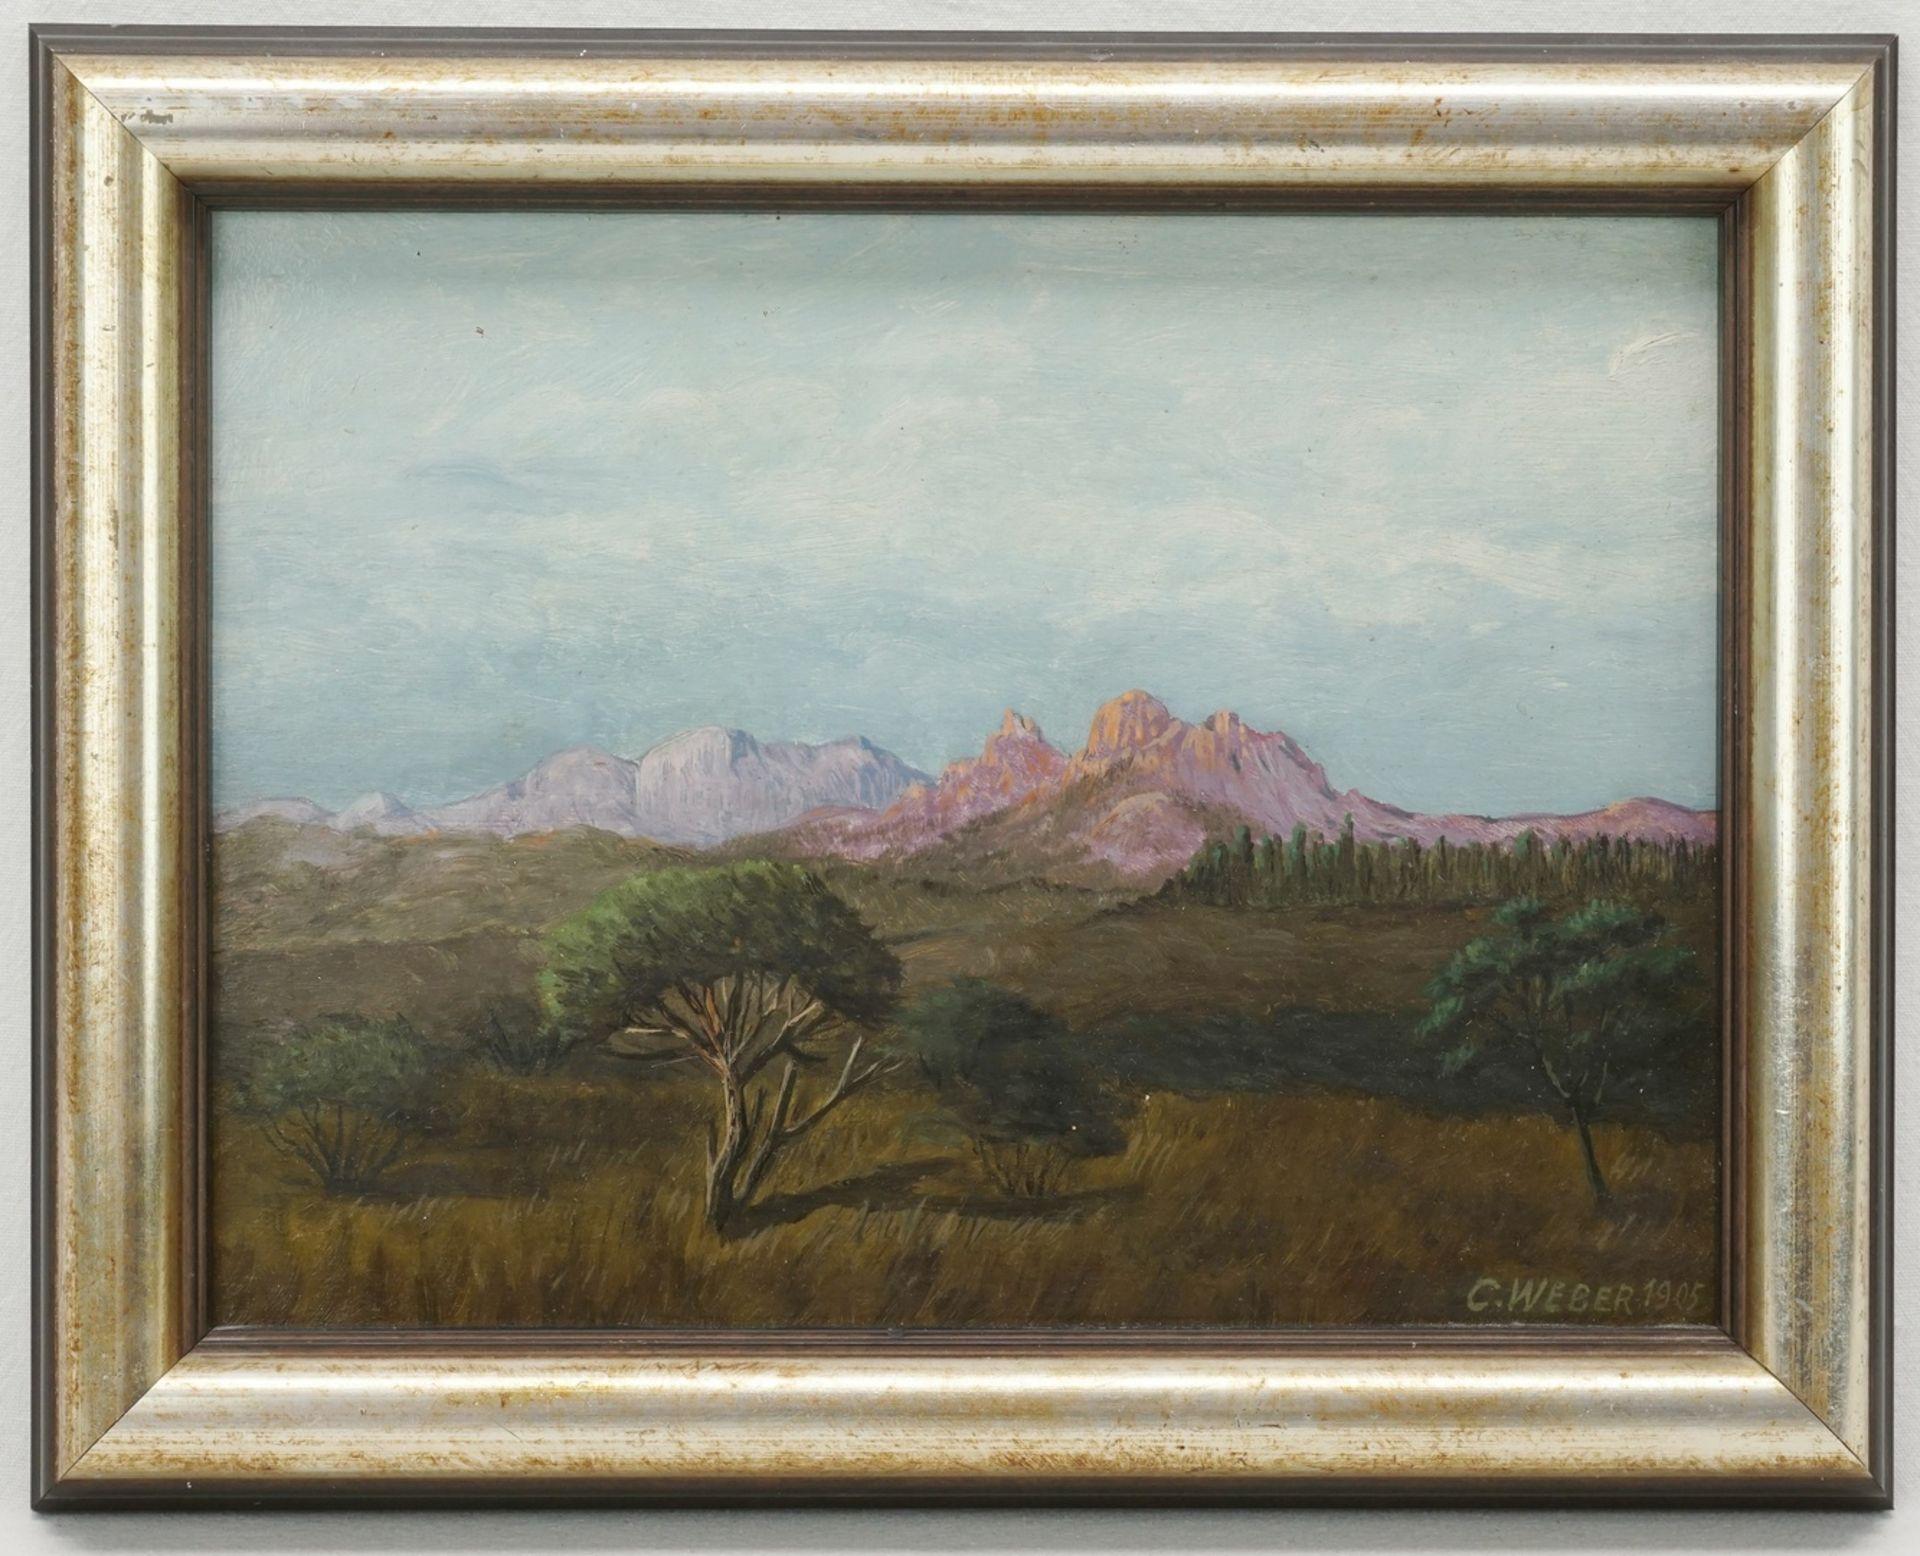 """C. Weber, """"Kaiser Wilhelm Berg bei Okahandja. Gewitterstimmung bei Abendsonne"""" - Bild 2 aus 4"""